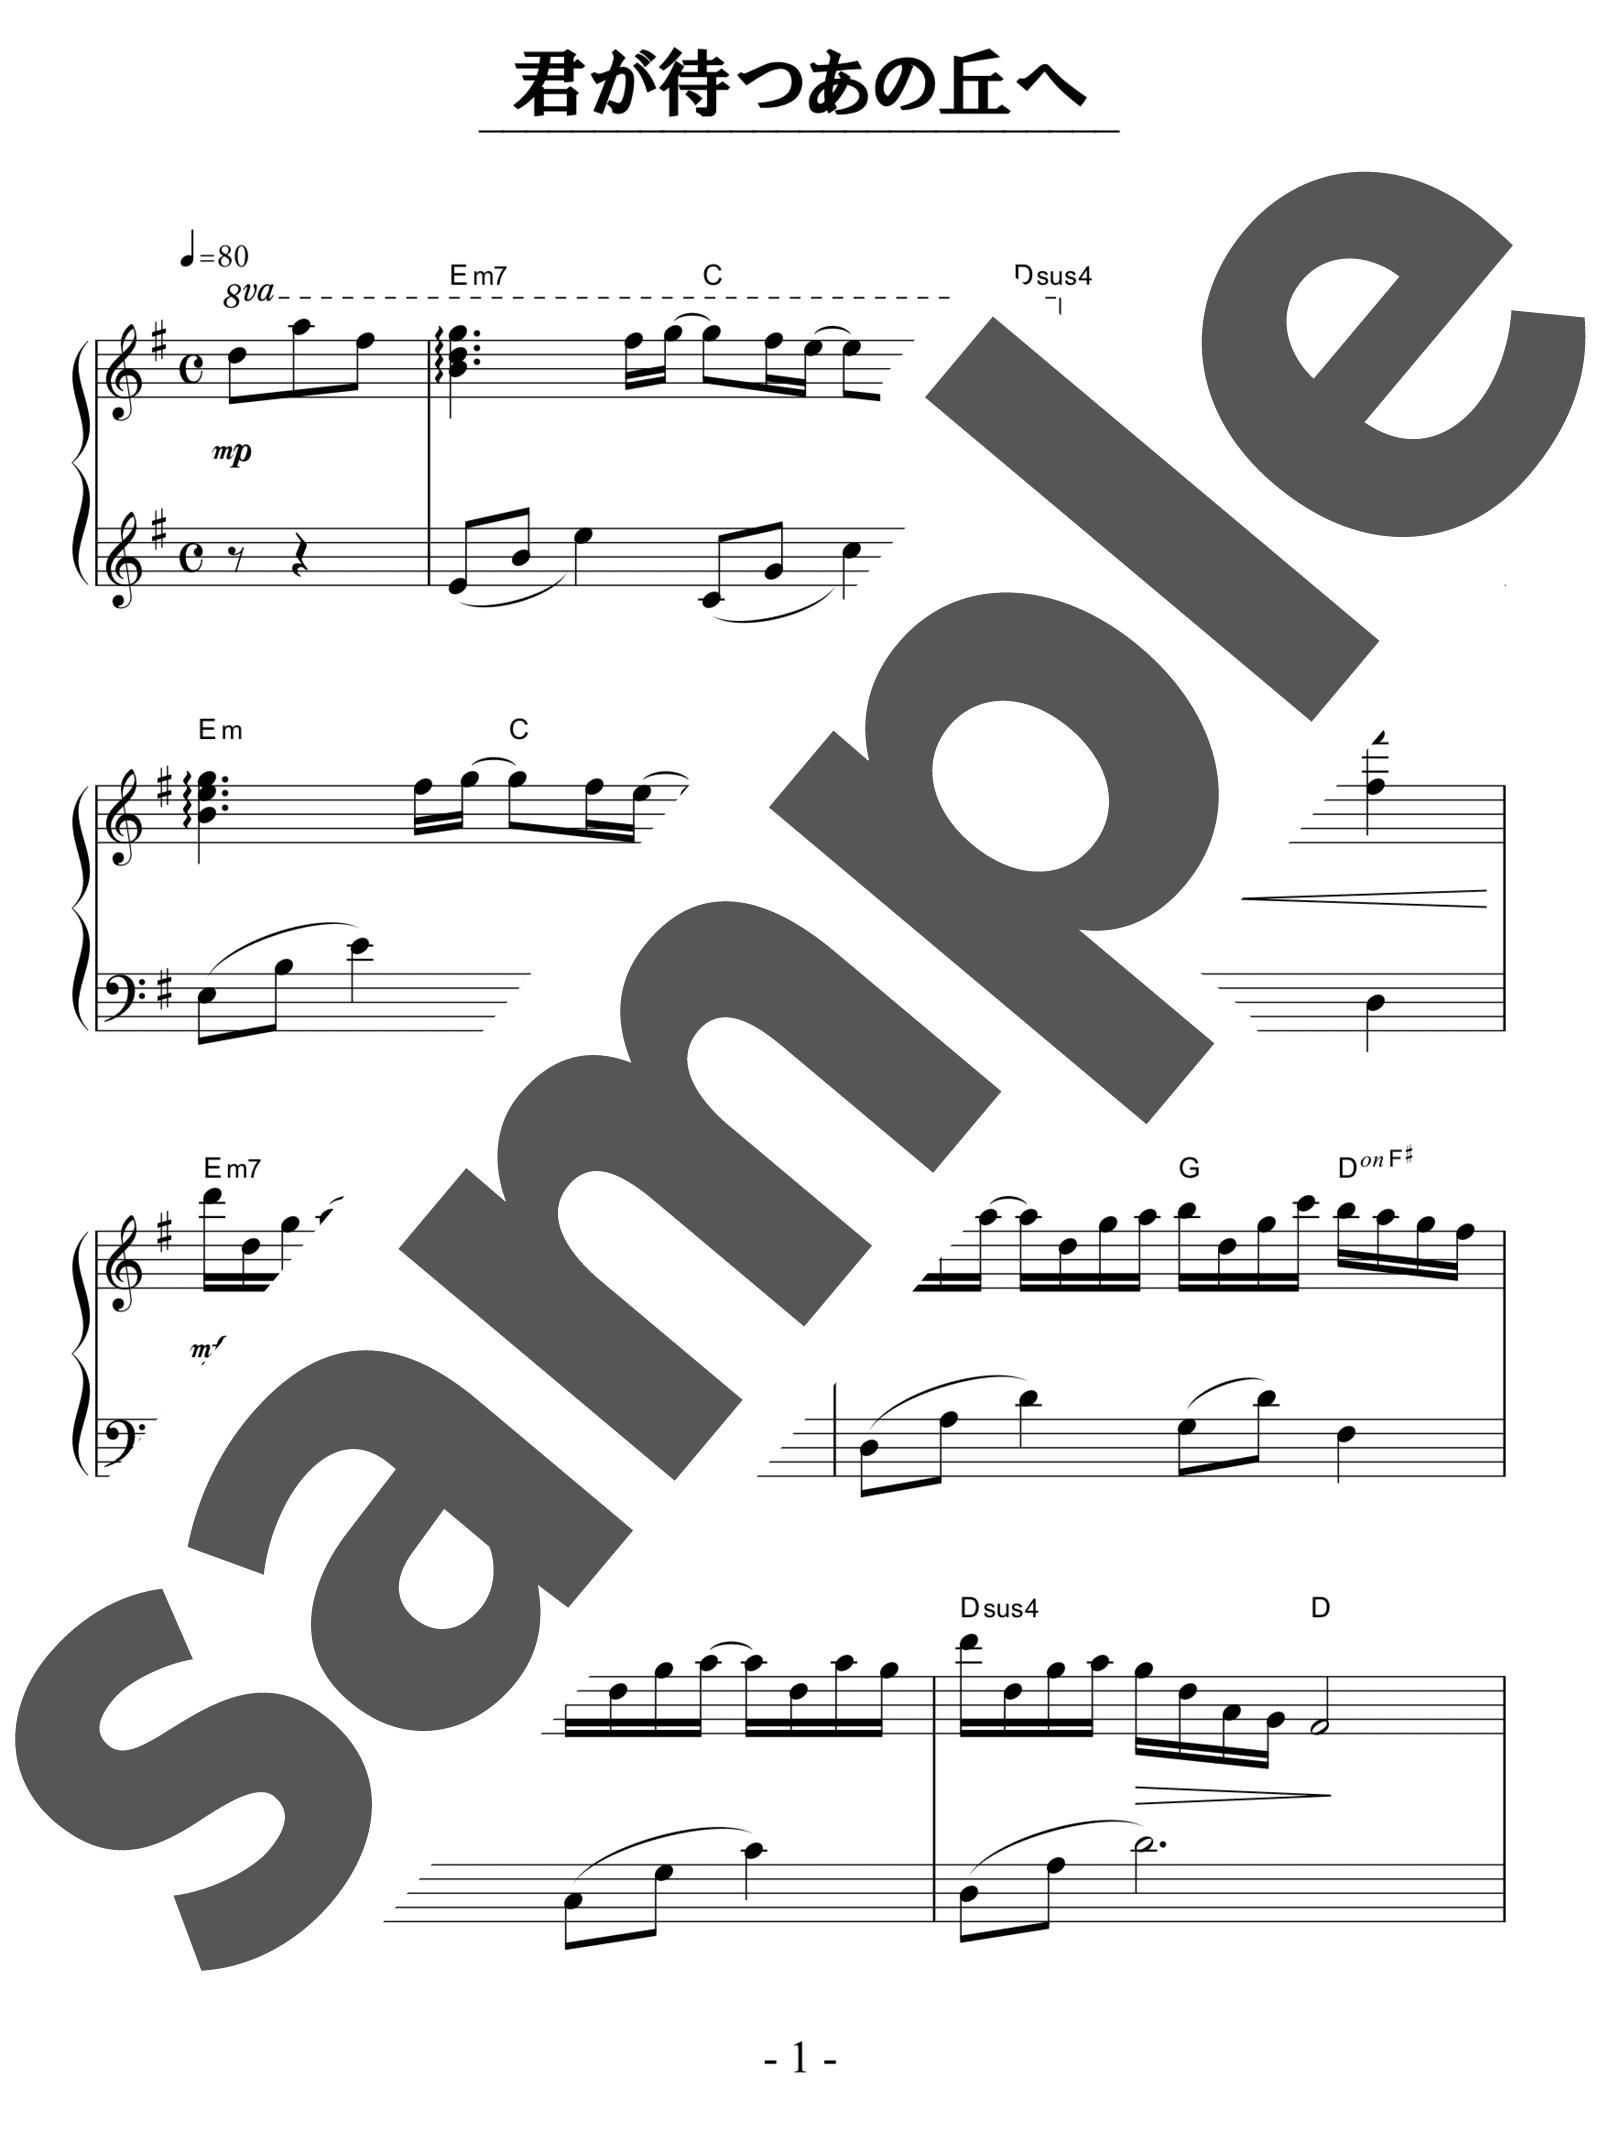 「君が待つあの丘へ」のサンプル楽譜